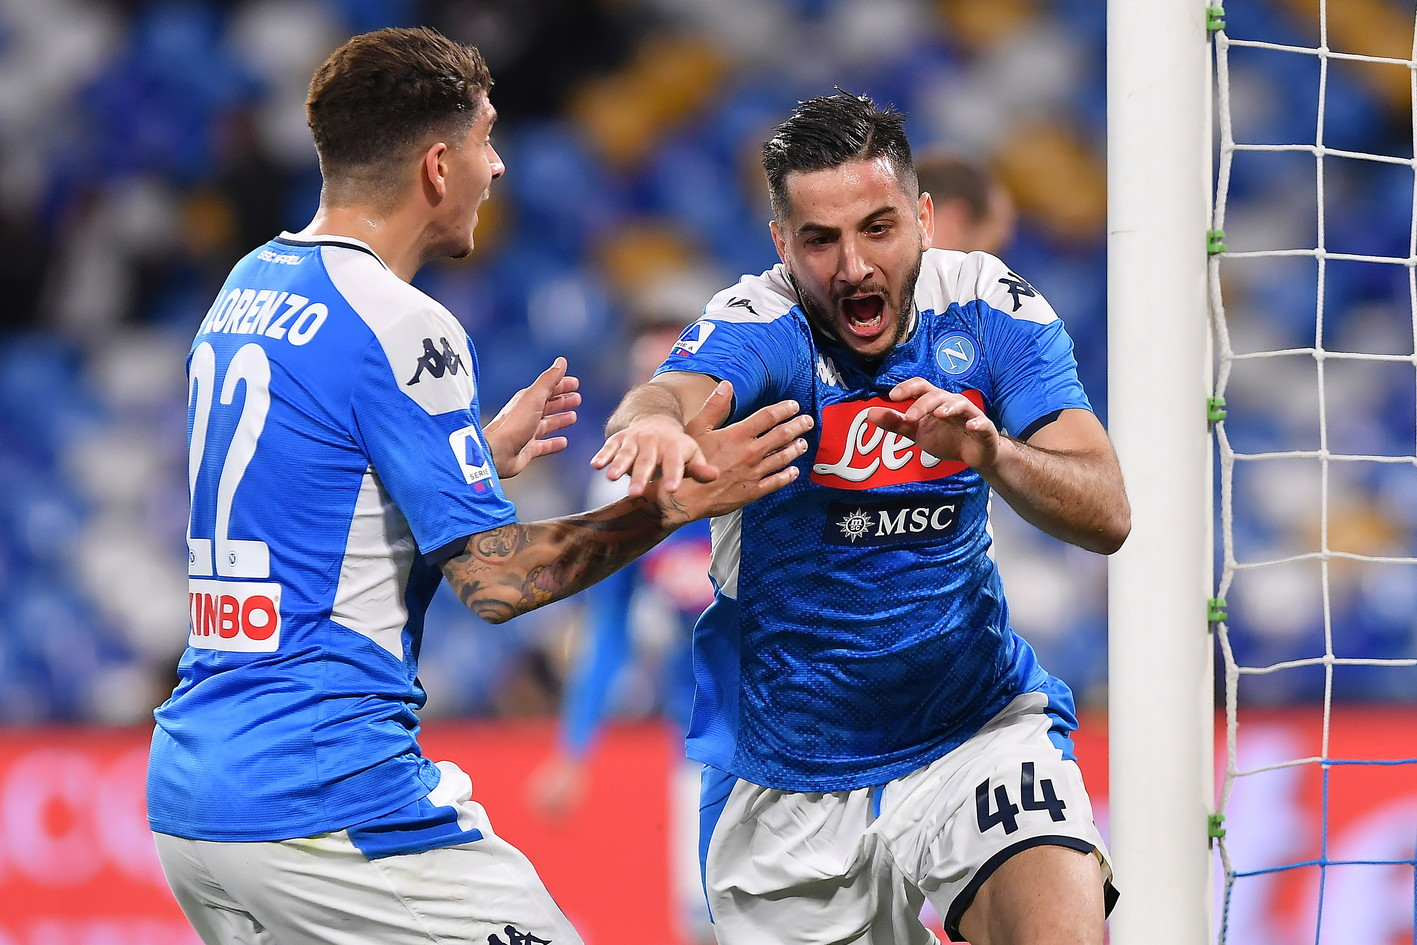 Le immagine della sfida del San Paolo tra gli azzurri di Gattuso e i granata di Longo